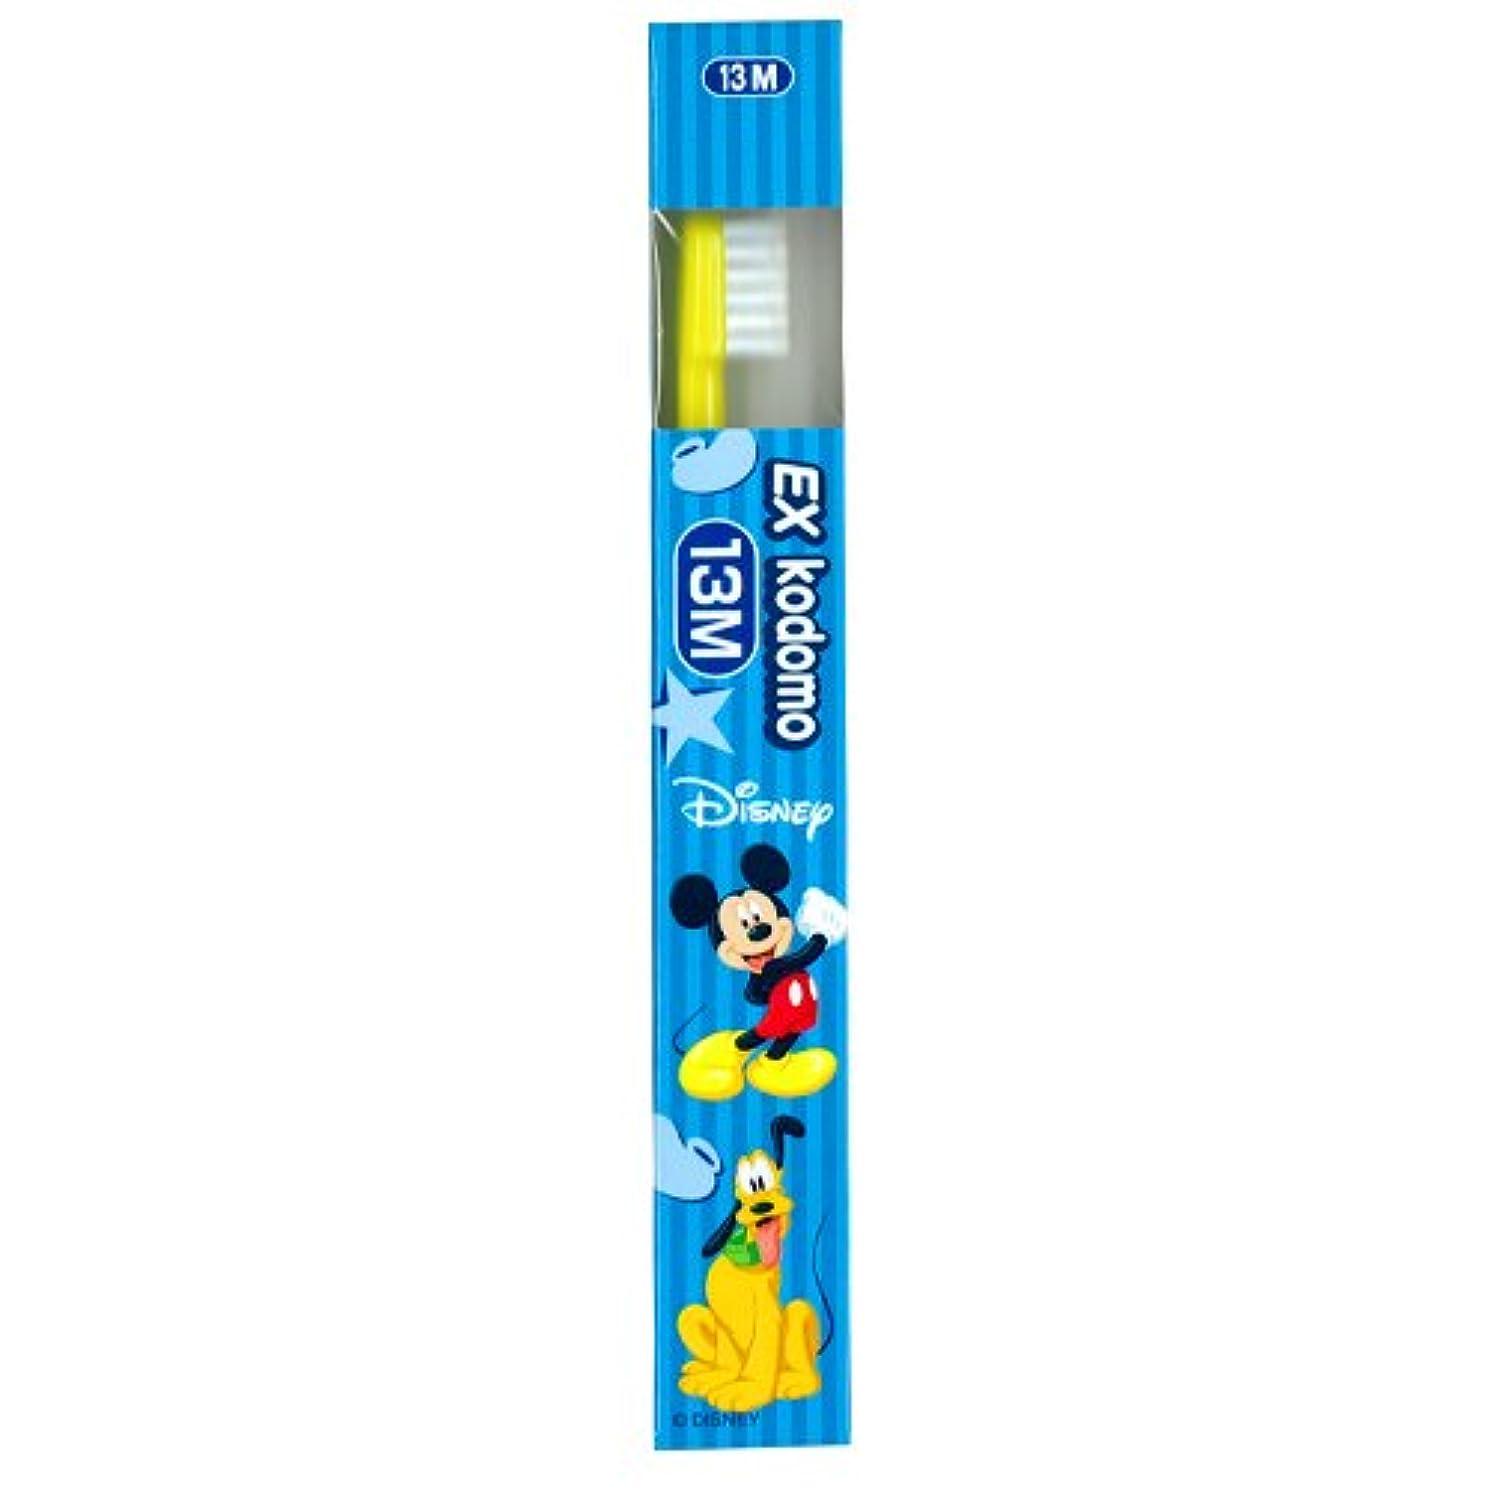 革命的汚れたライオン EX kodomo ディズニー 歯ブラシ 1本 13M イエロー